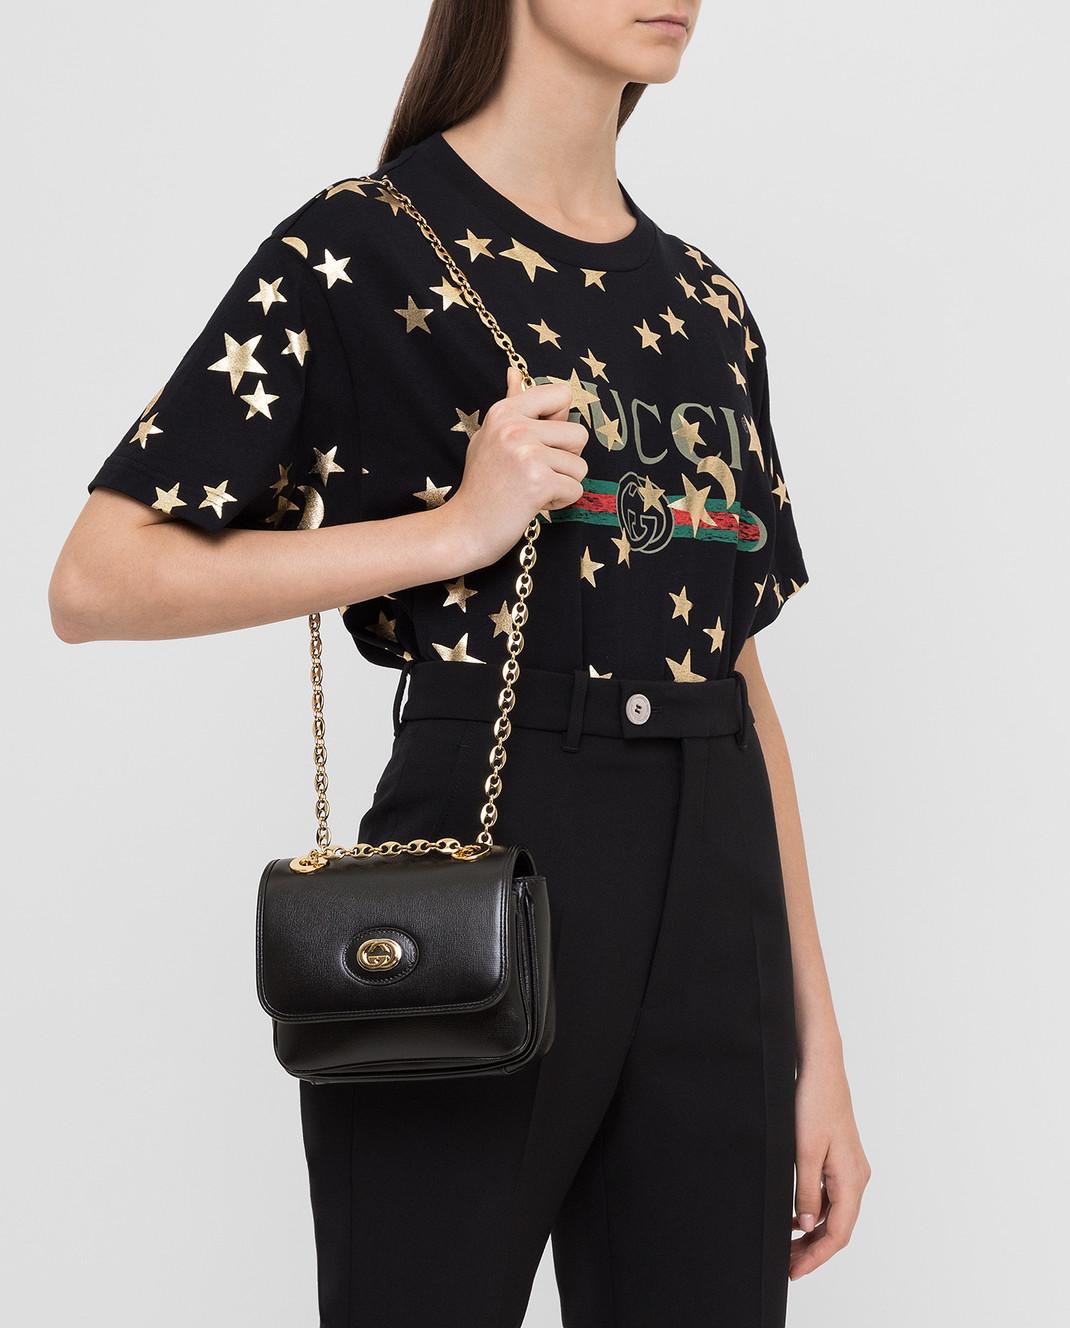 Gucci Черная кожаная сумка изображение 2